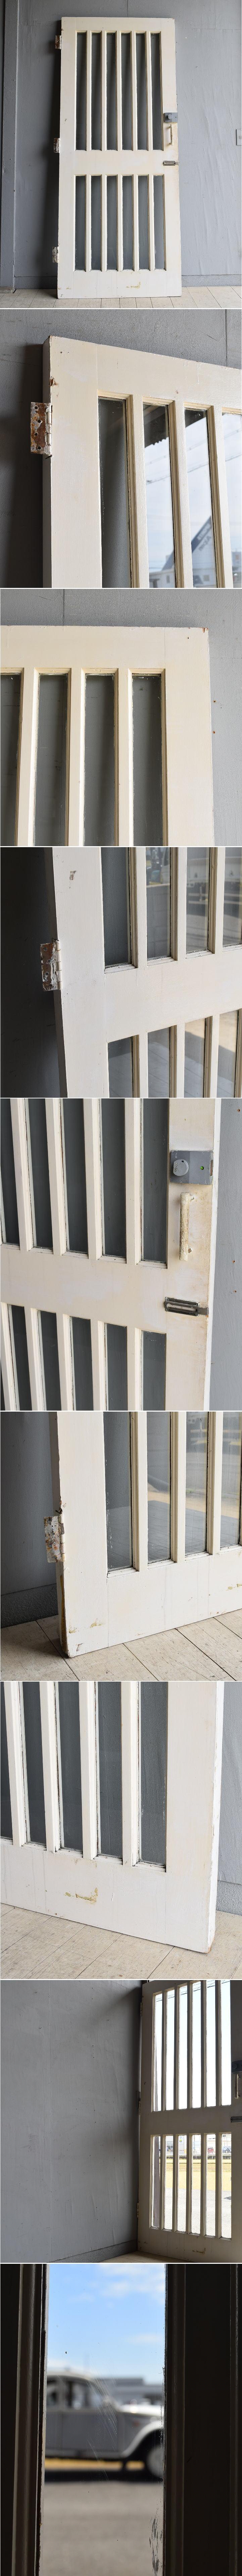 イギリス アンティーク ガラス ドア 扉 ディスプレイ 建具 7985